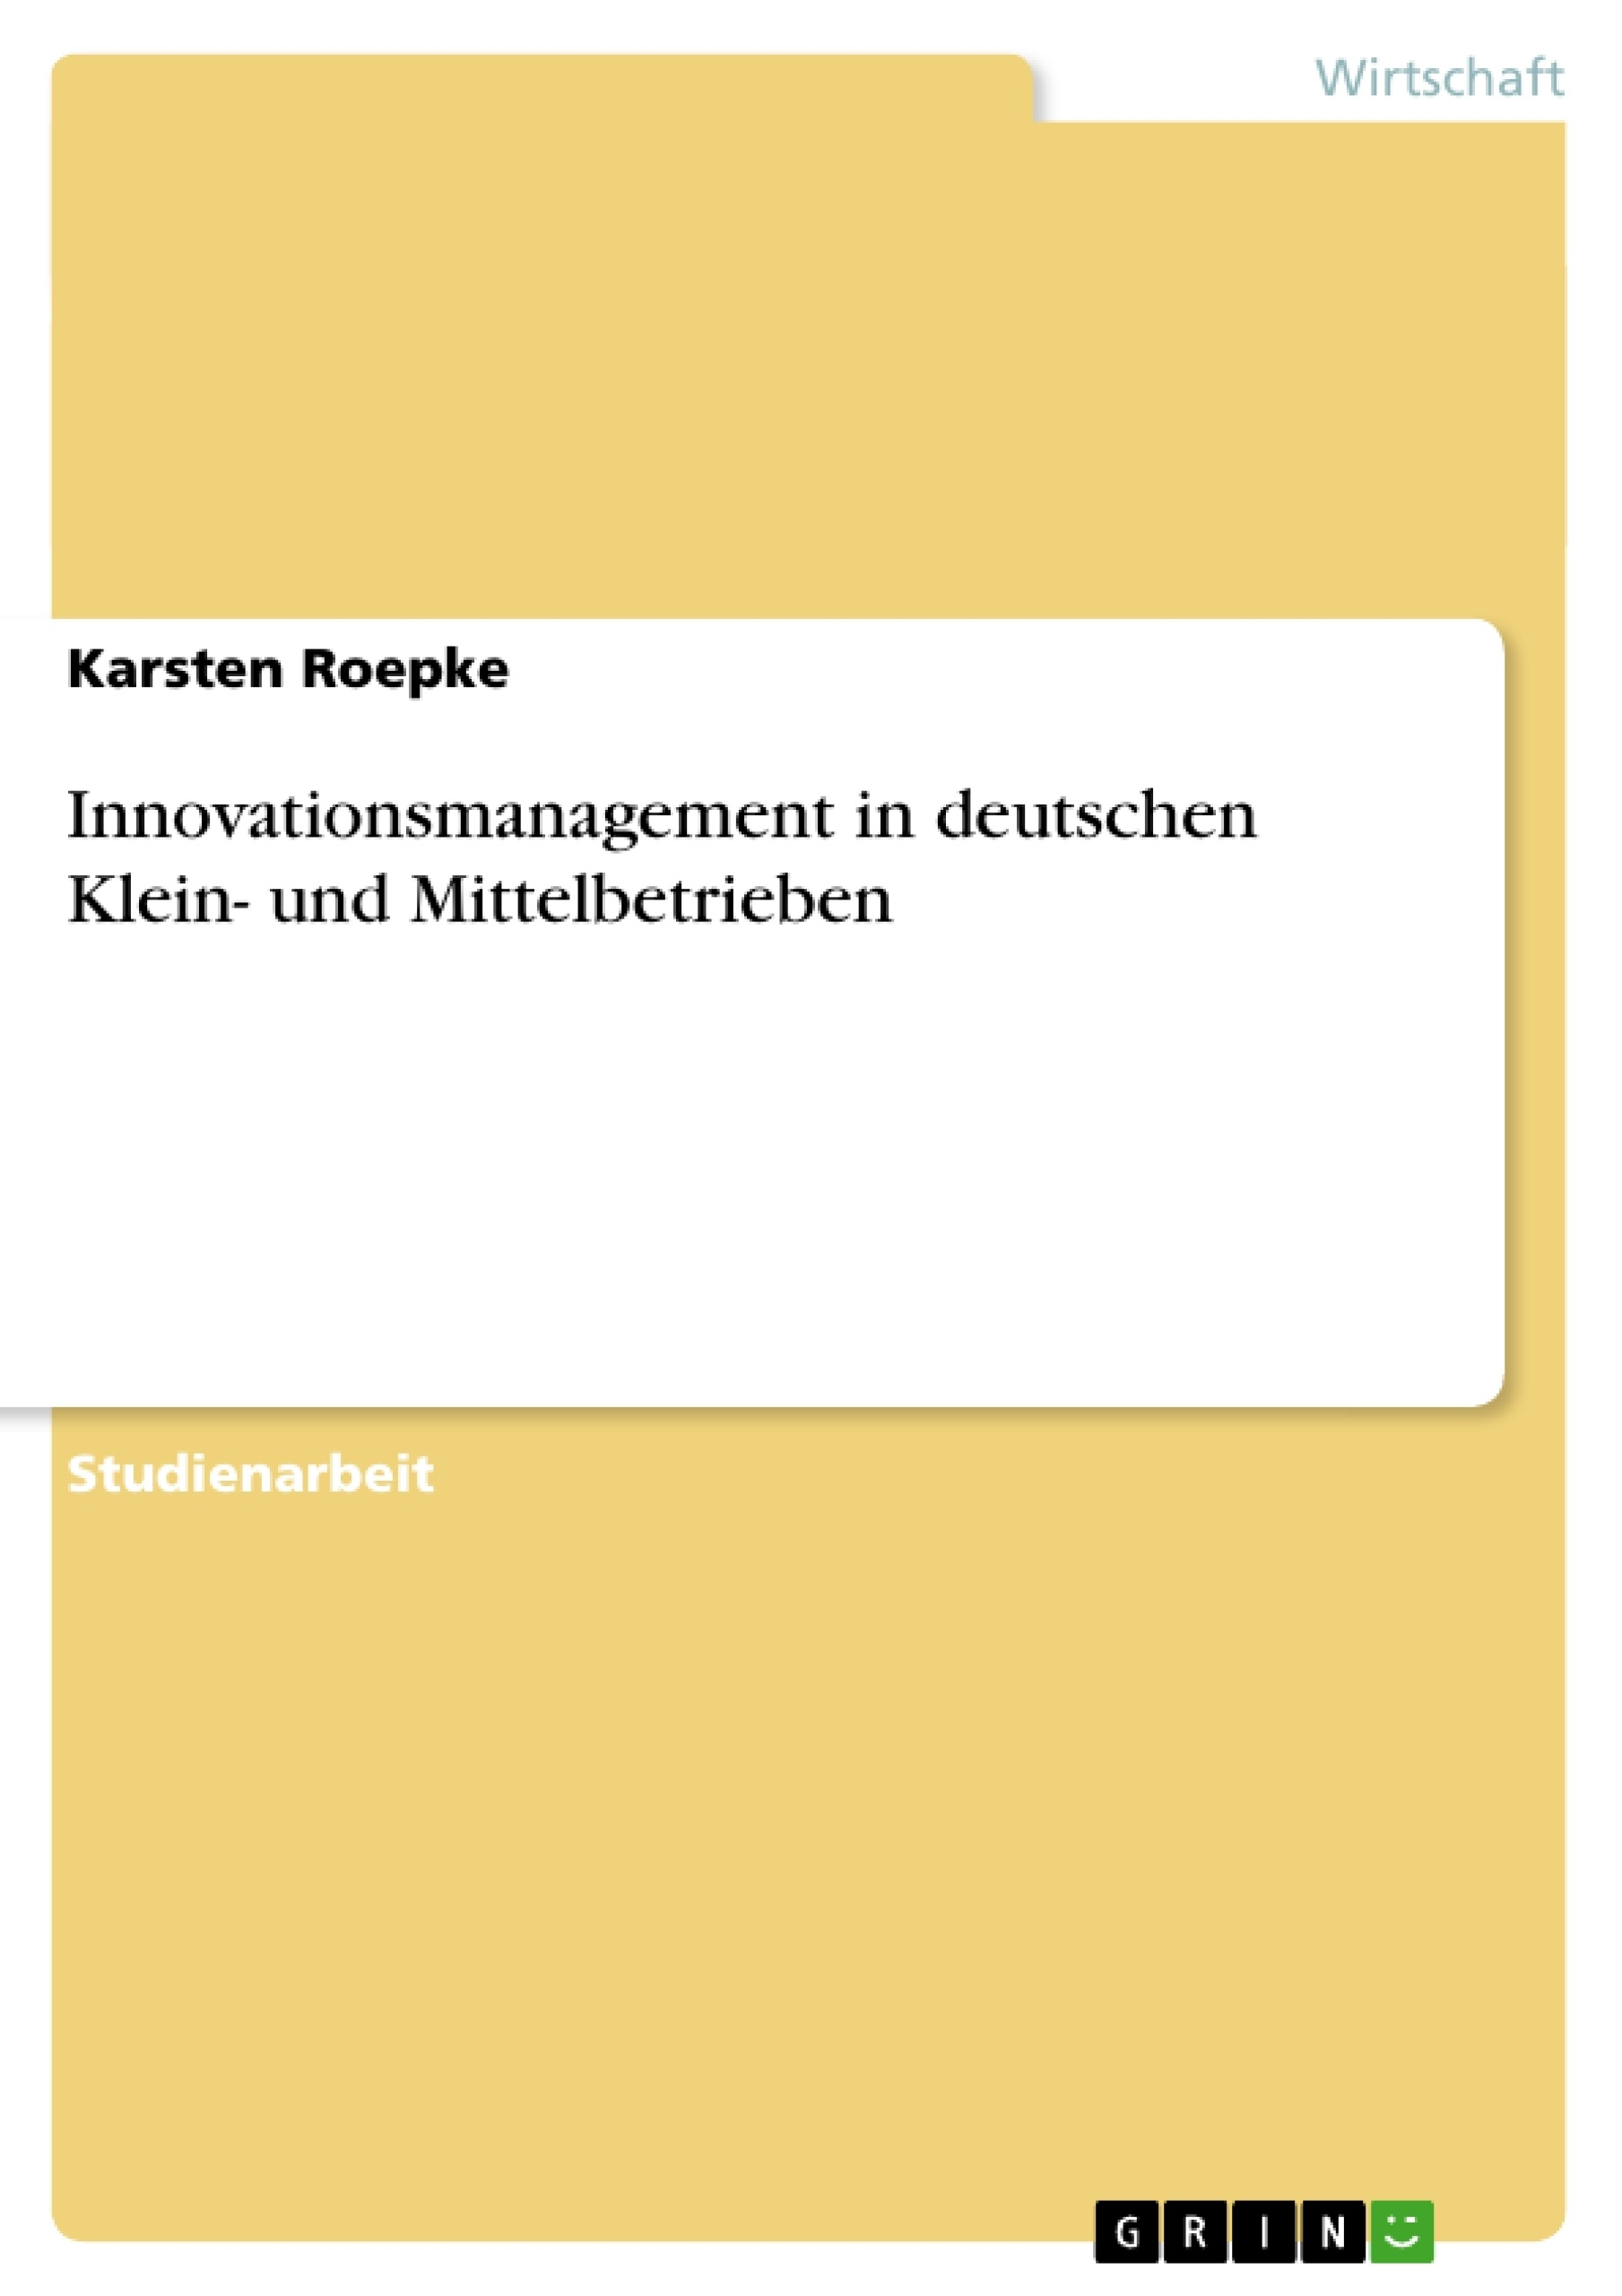 Titel: Innovationsmanagement in deutschen Klein- und Mittelbetrieben